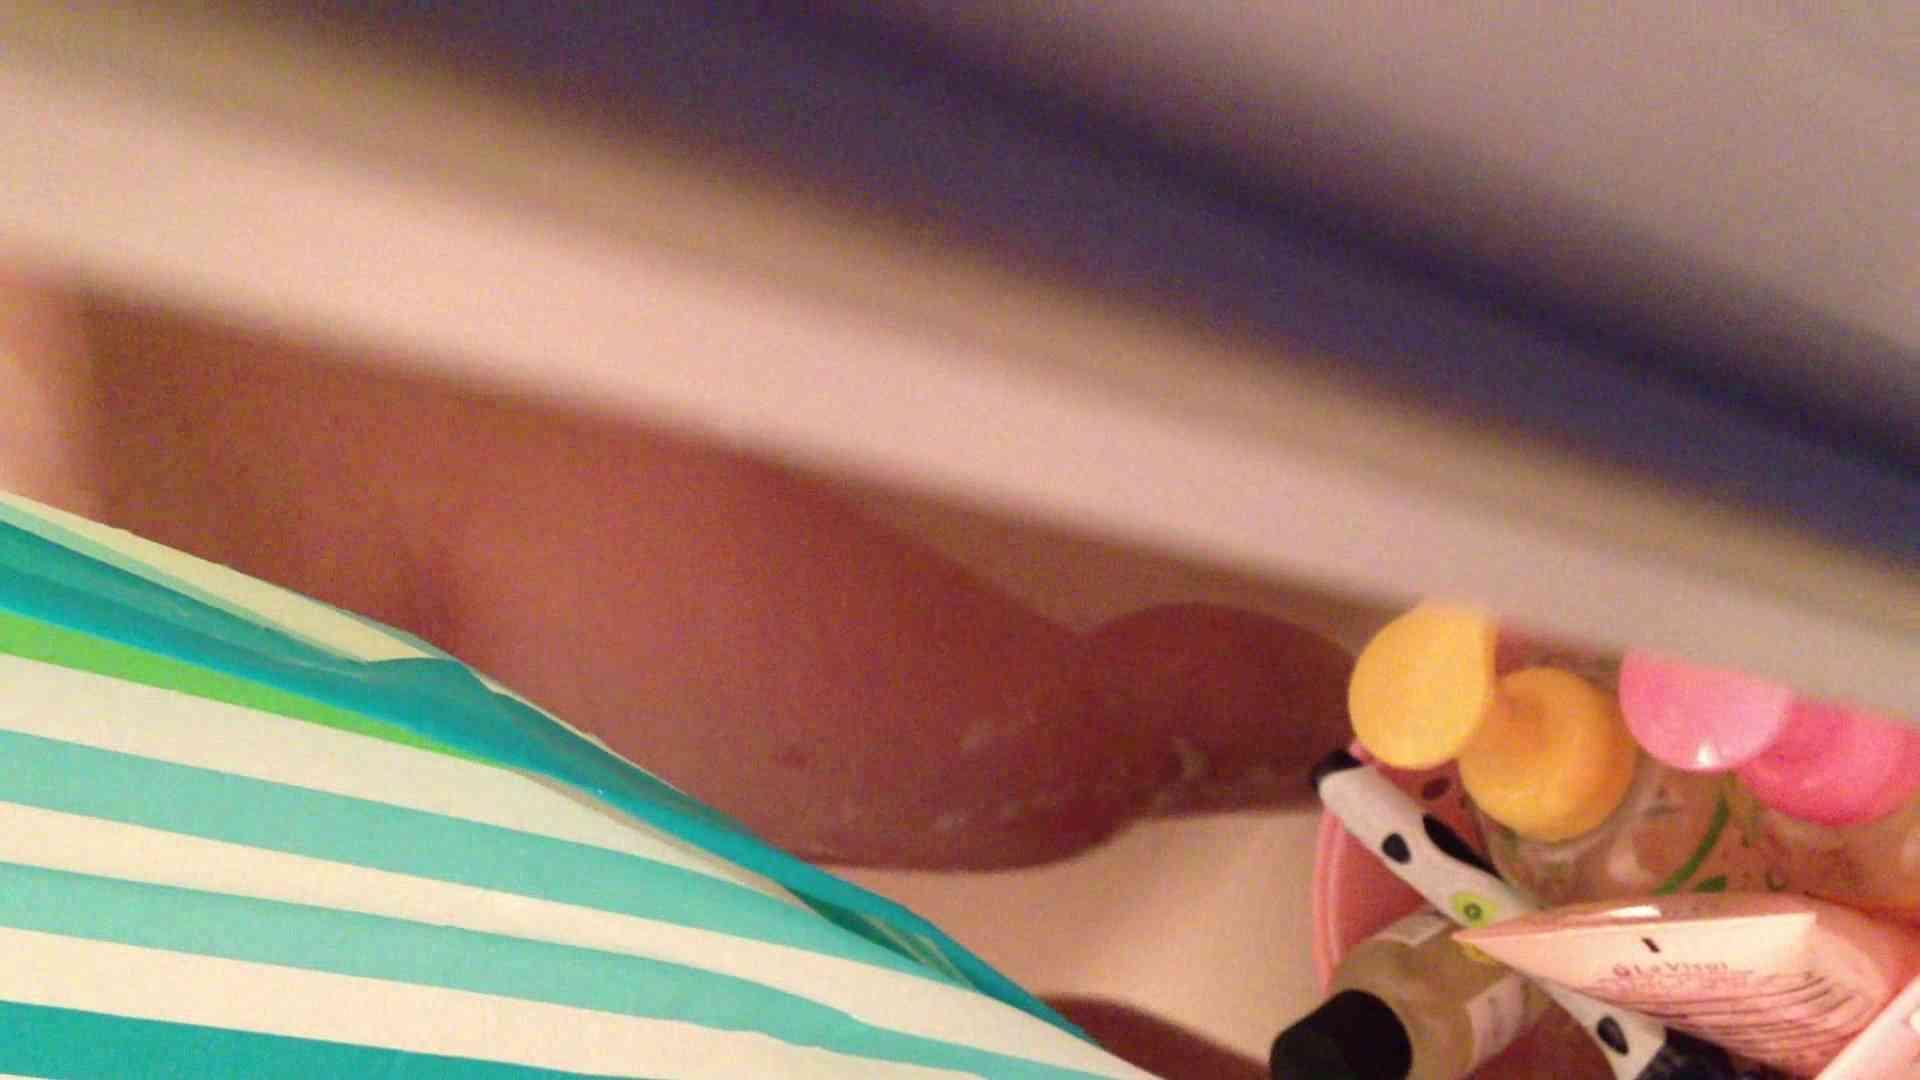 16(16日目)シャワー中にムダ毛処理をする彼女 シャワー 盗撮画像 94pic 17